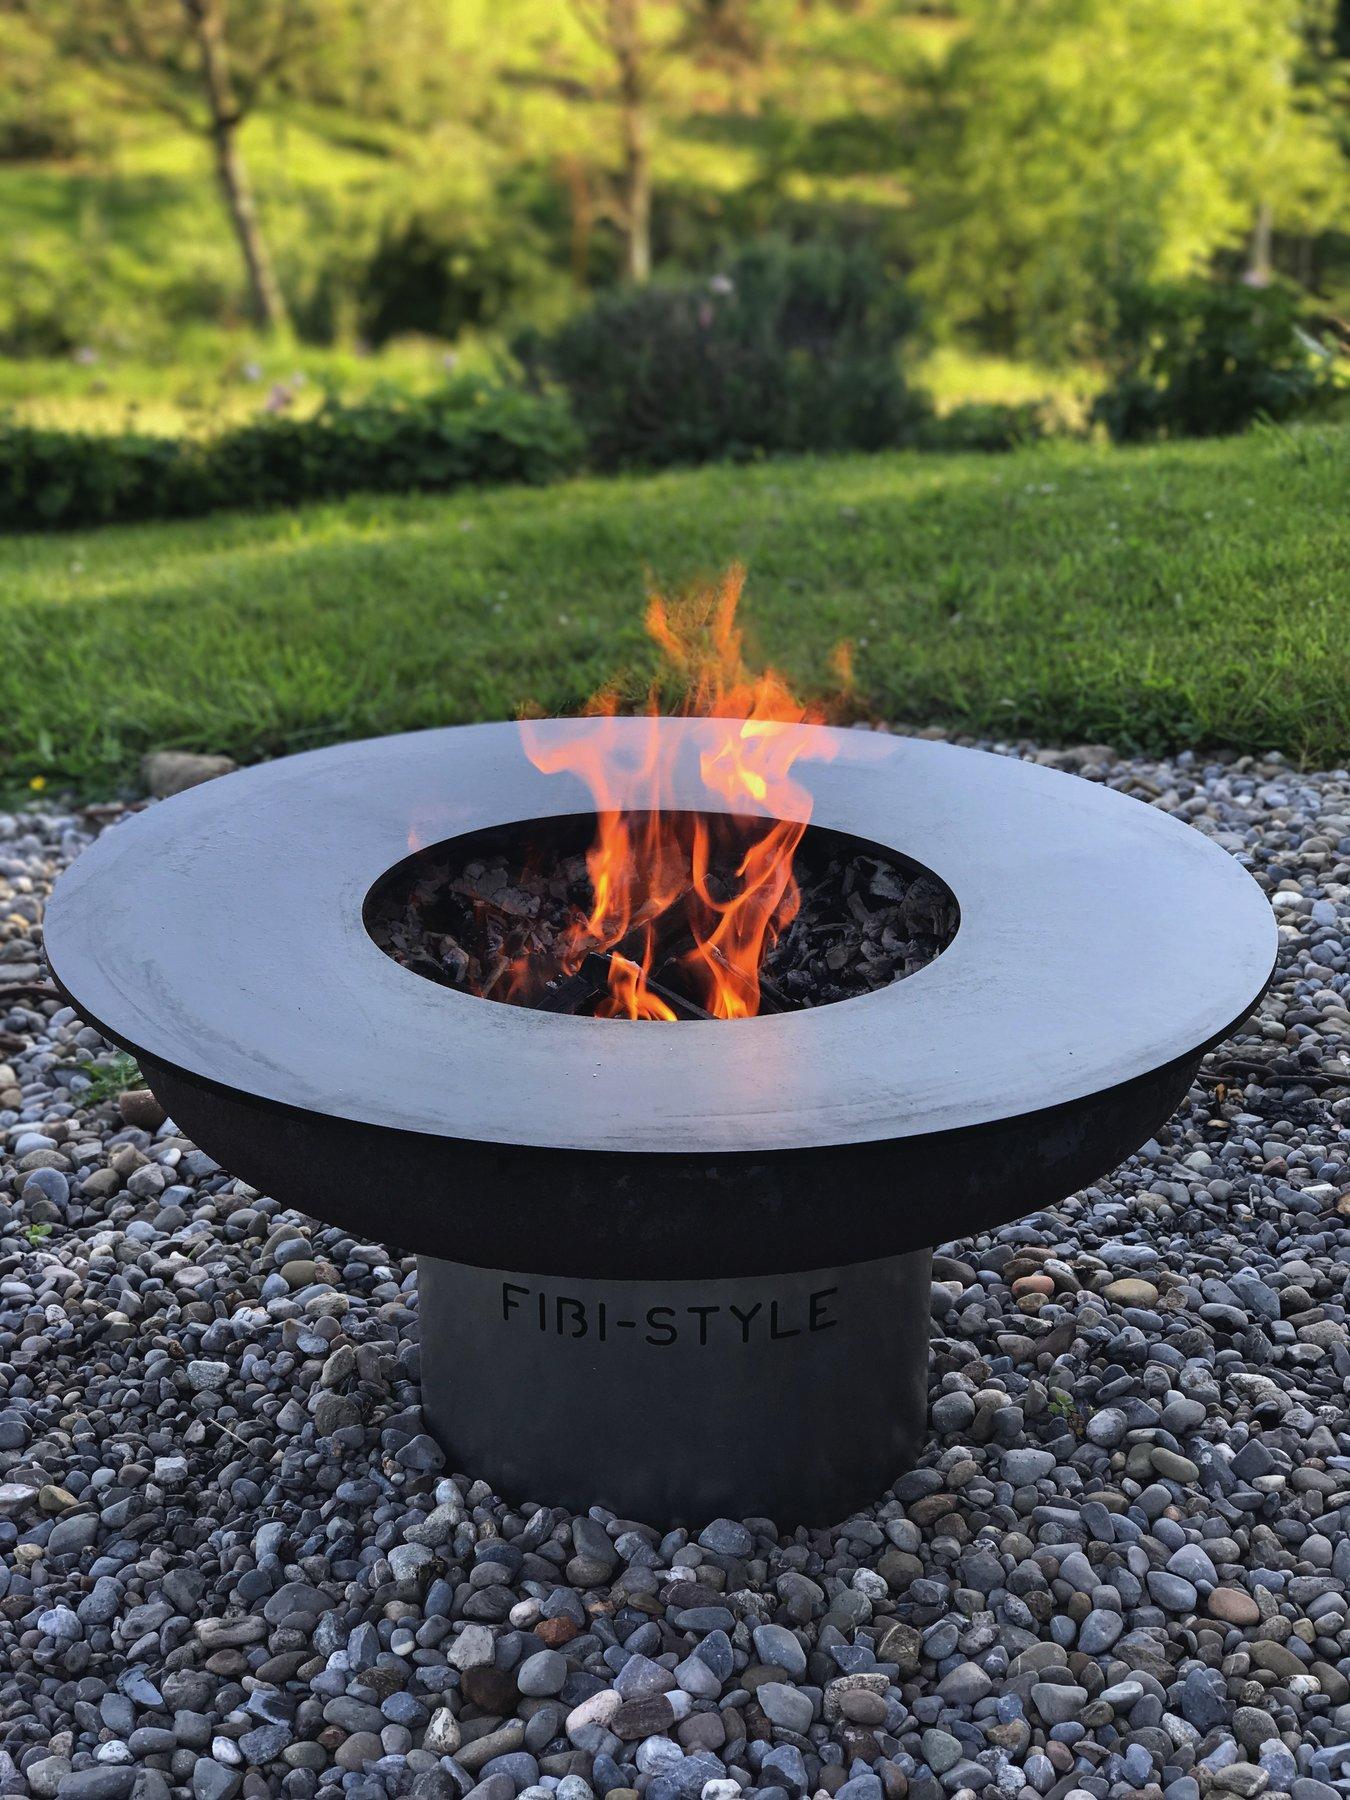 fibi style feuerschale mit grillring und sockel. Black Bedroom Furniture Sets. Home Design Ideas